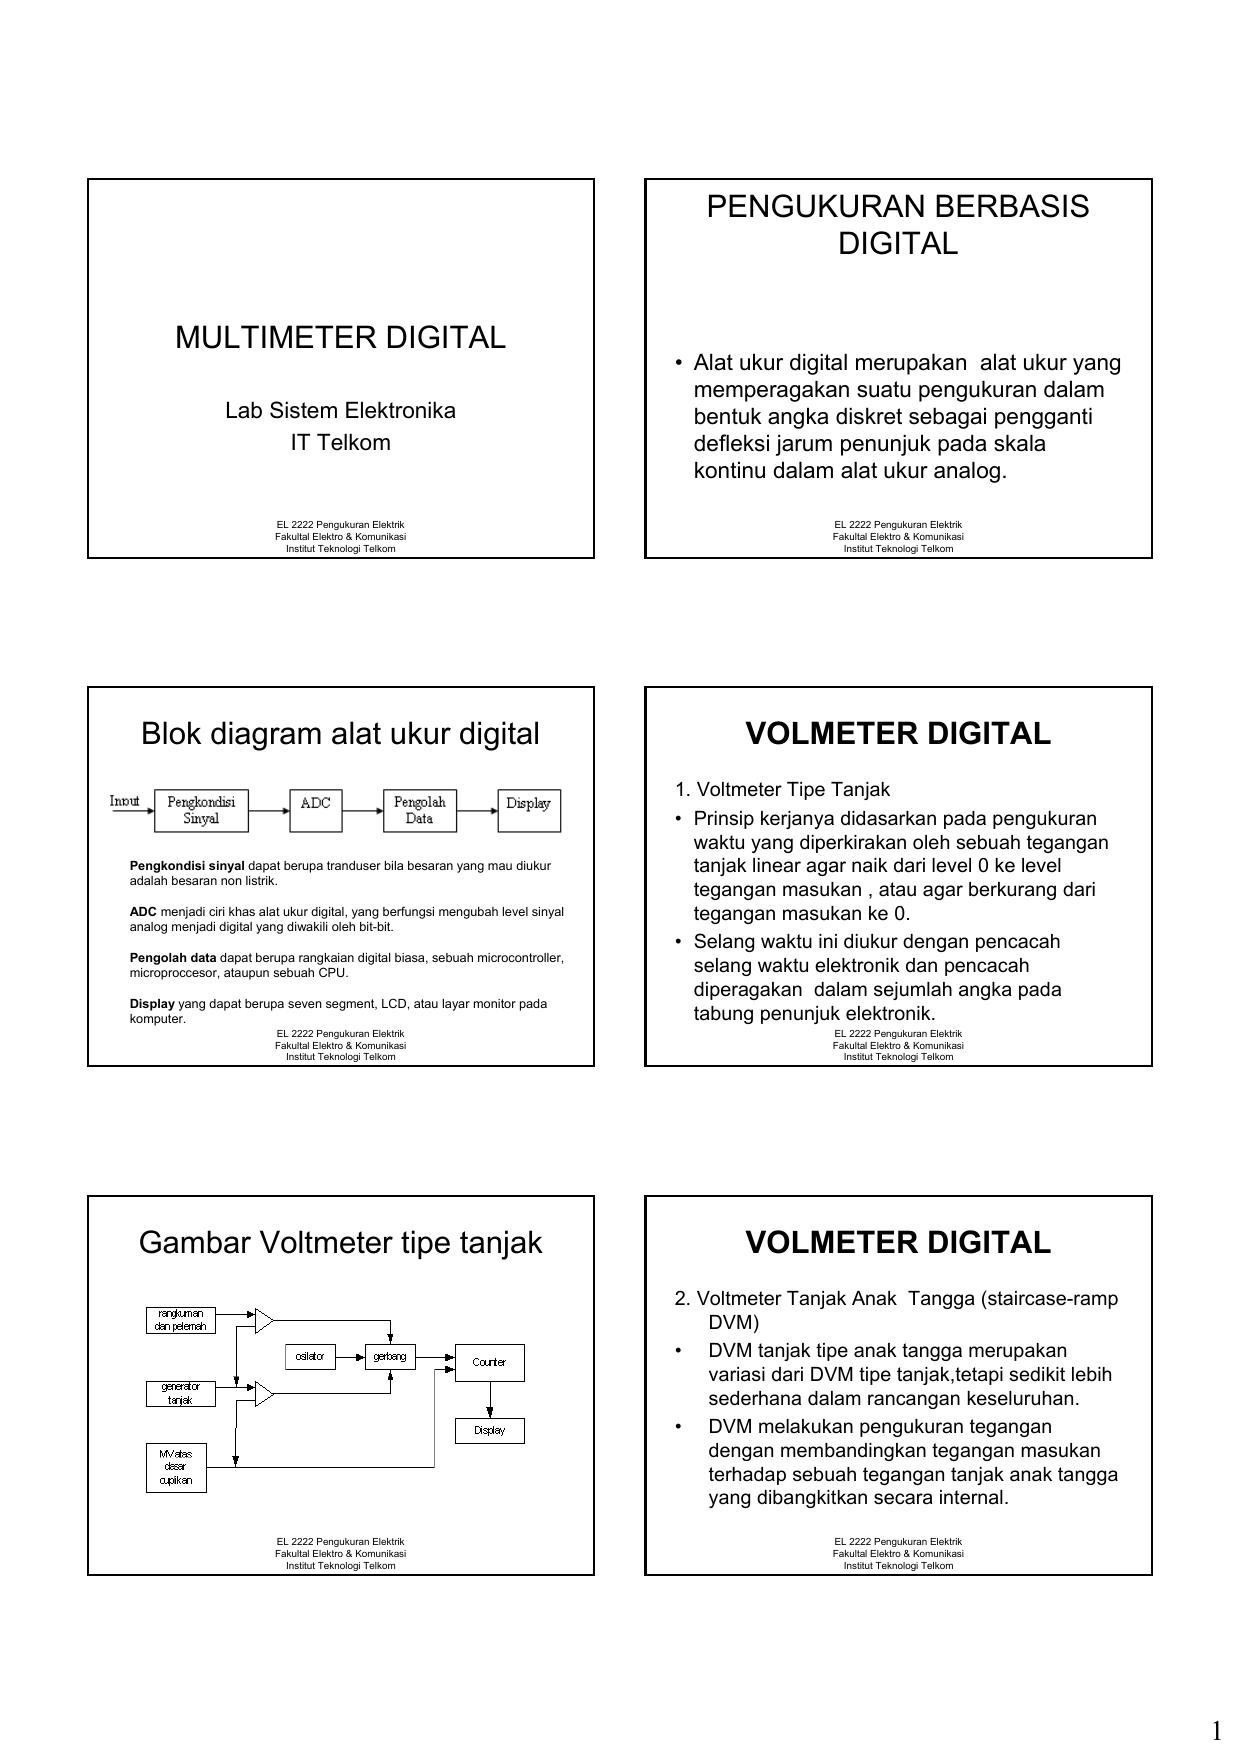 Multimeter digital pengukuran berbasis digital blok ccuart Choice Image